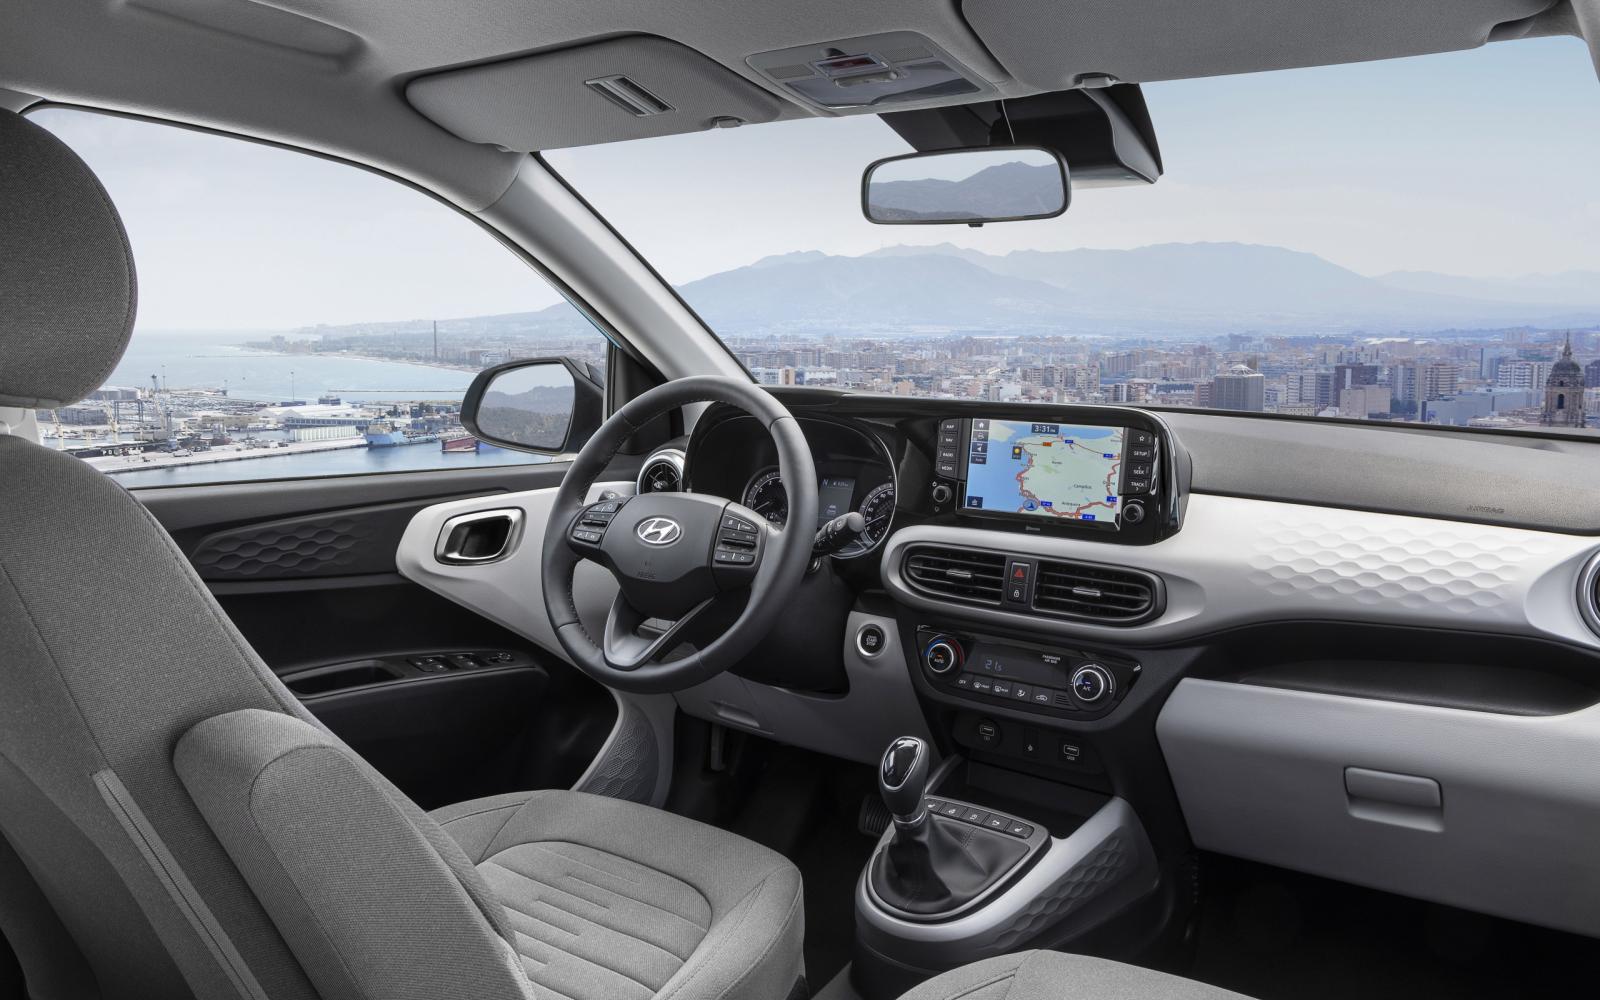 Gunstige prijs Hyundai i10: goedkoper dan concurrentie